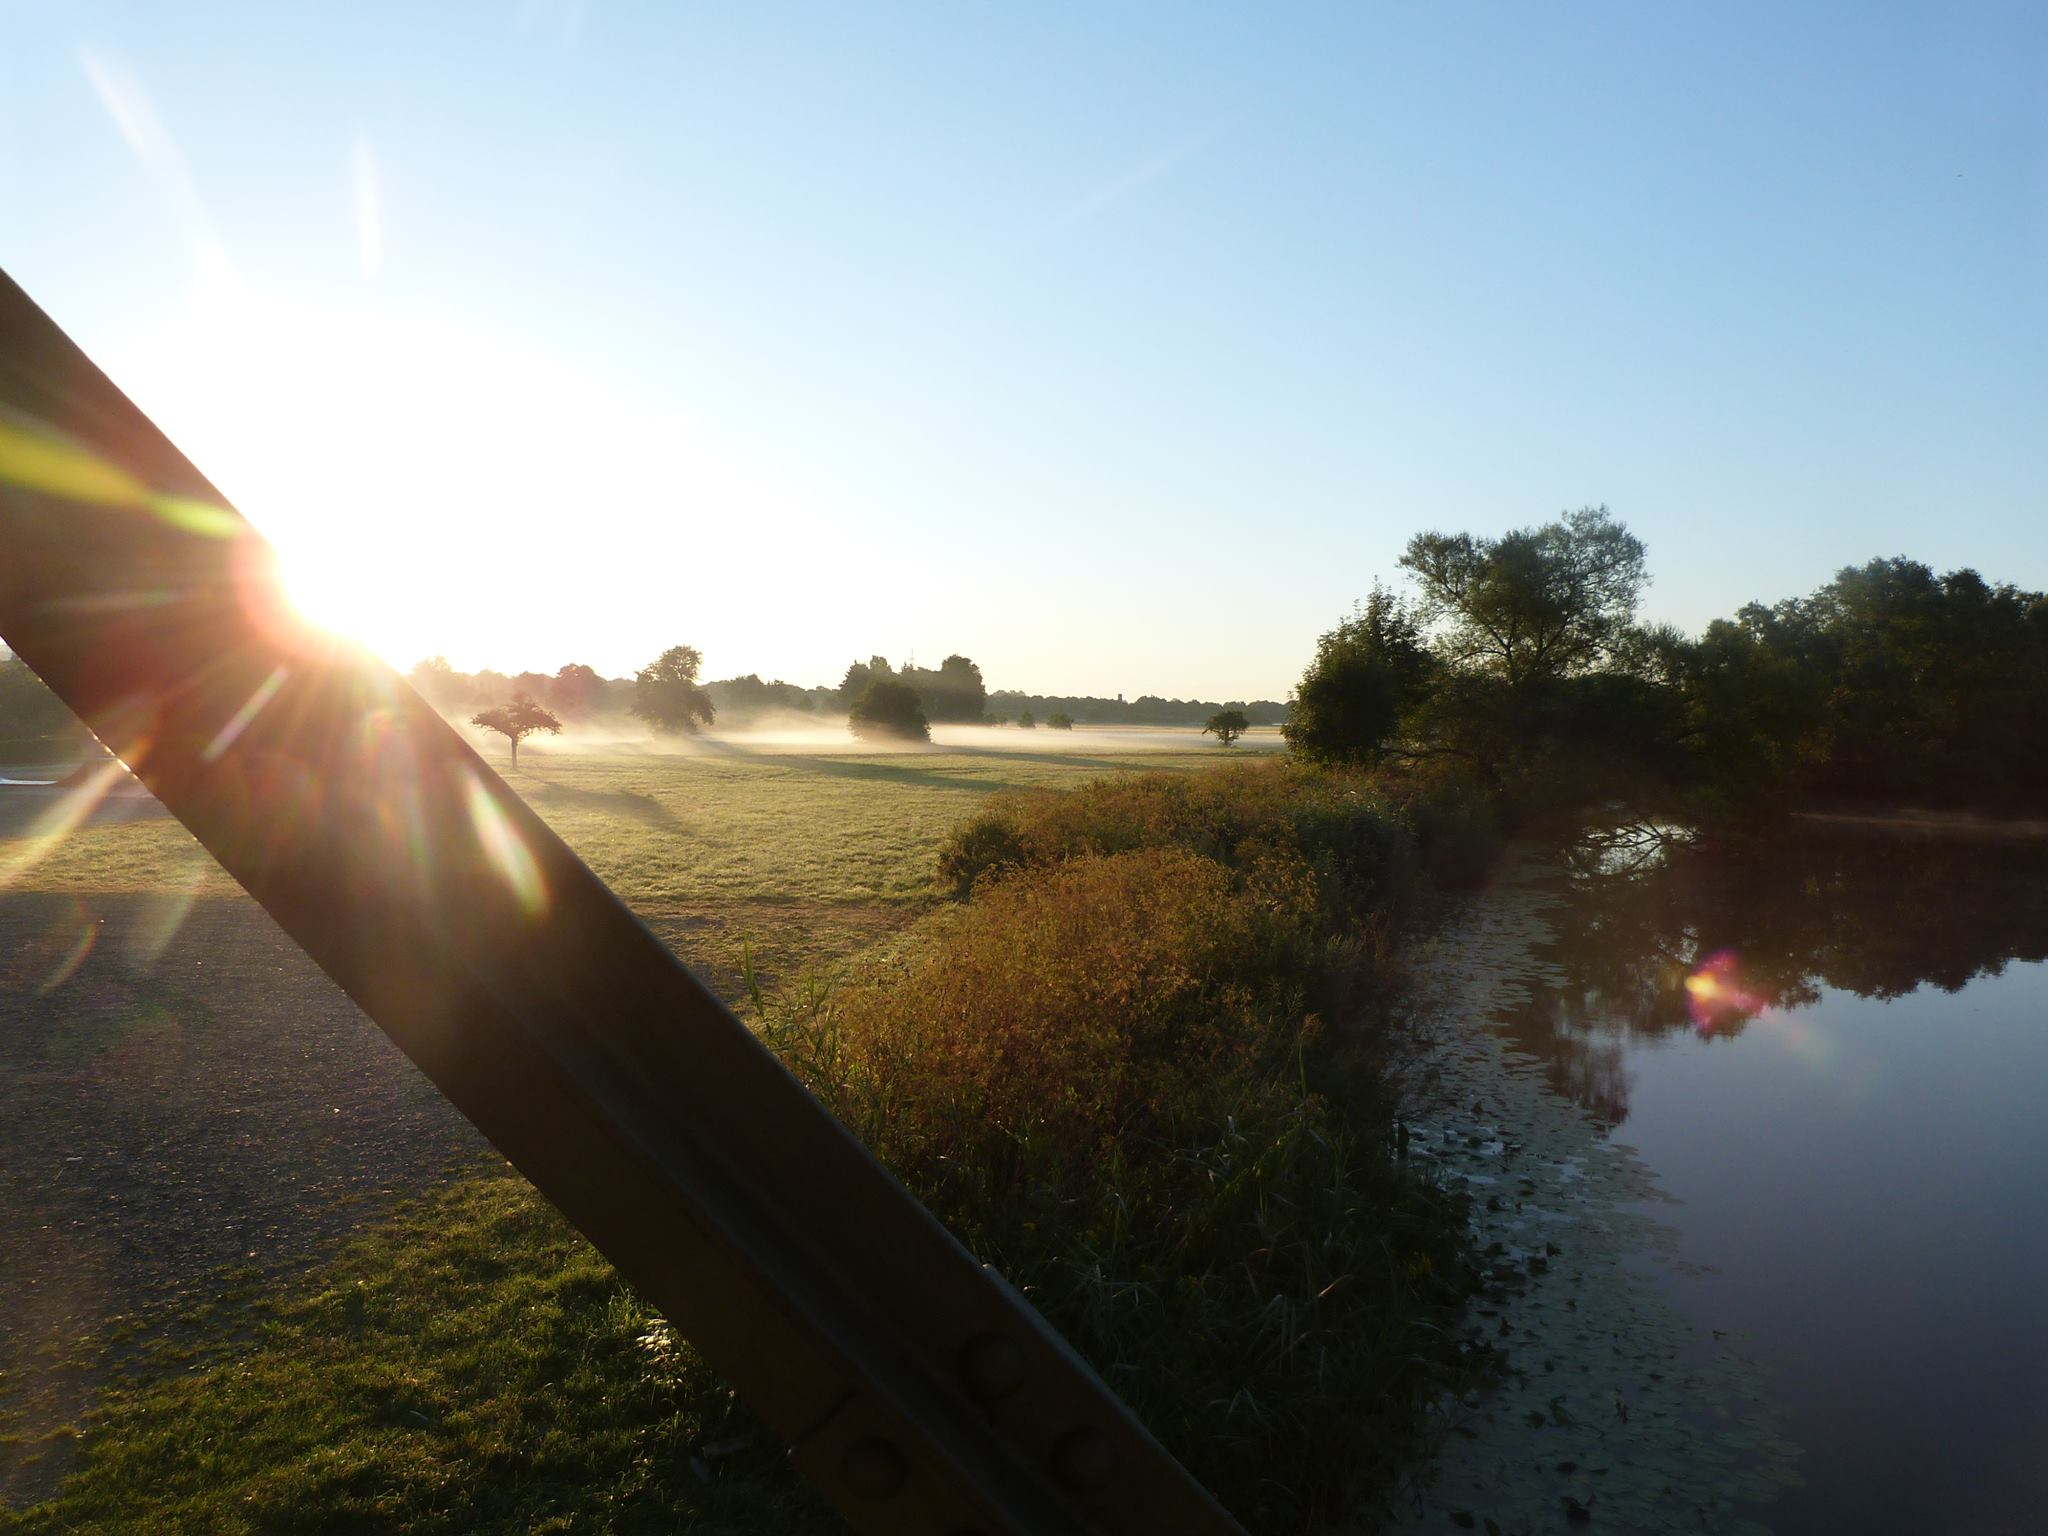 genauhingeblickt-fotografie-sonnenaufgang-und-bodennebel-am-eisernen-steg-ueber-die-lahn-in-wetzlar-naunheim